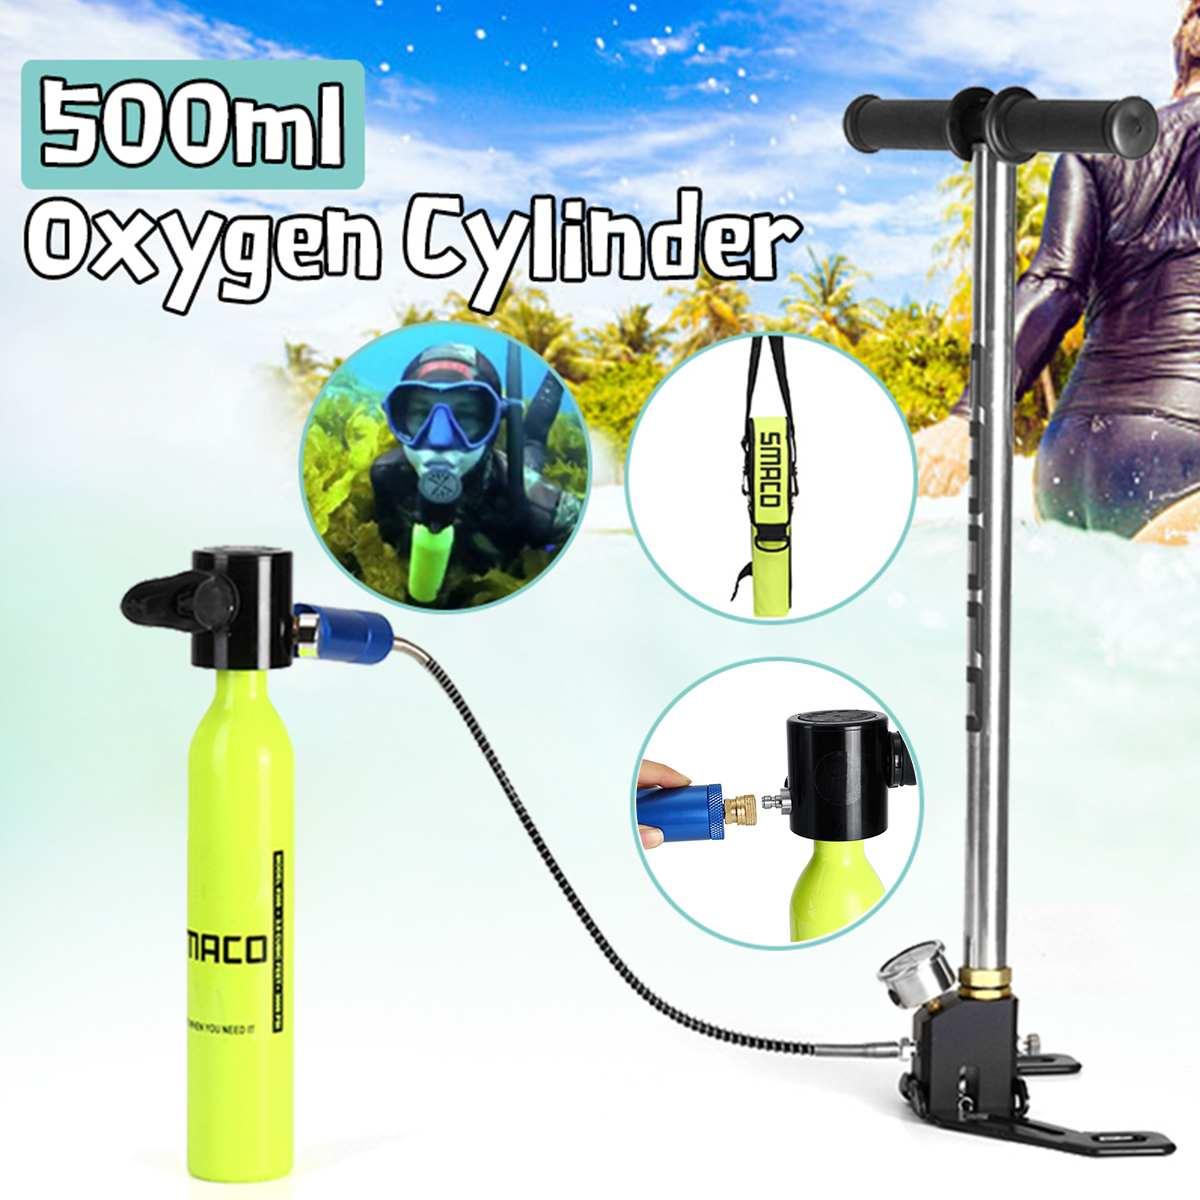 Réservoir d'air portatif de réserve de plongée de 0.5L a placé la Mini pompe actionnée par cylindre d'oxygène de pompe à main de SMACO avec la pompe et le sac de Respiratoor